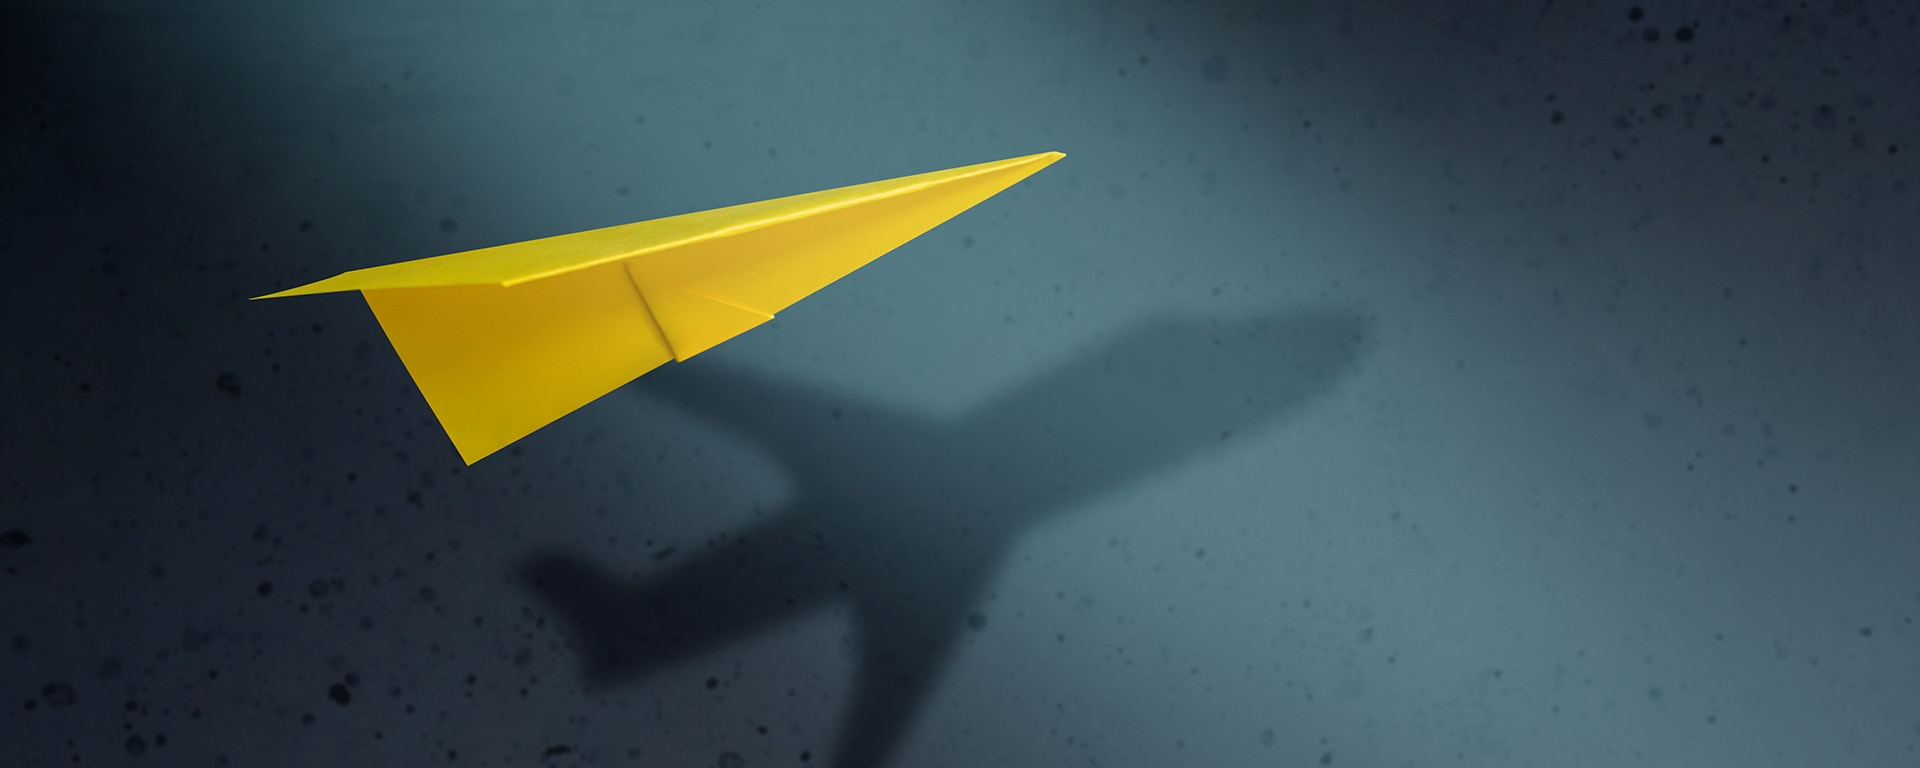 Objectif excellence opérationnelle décollage